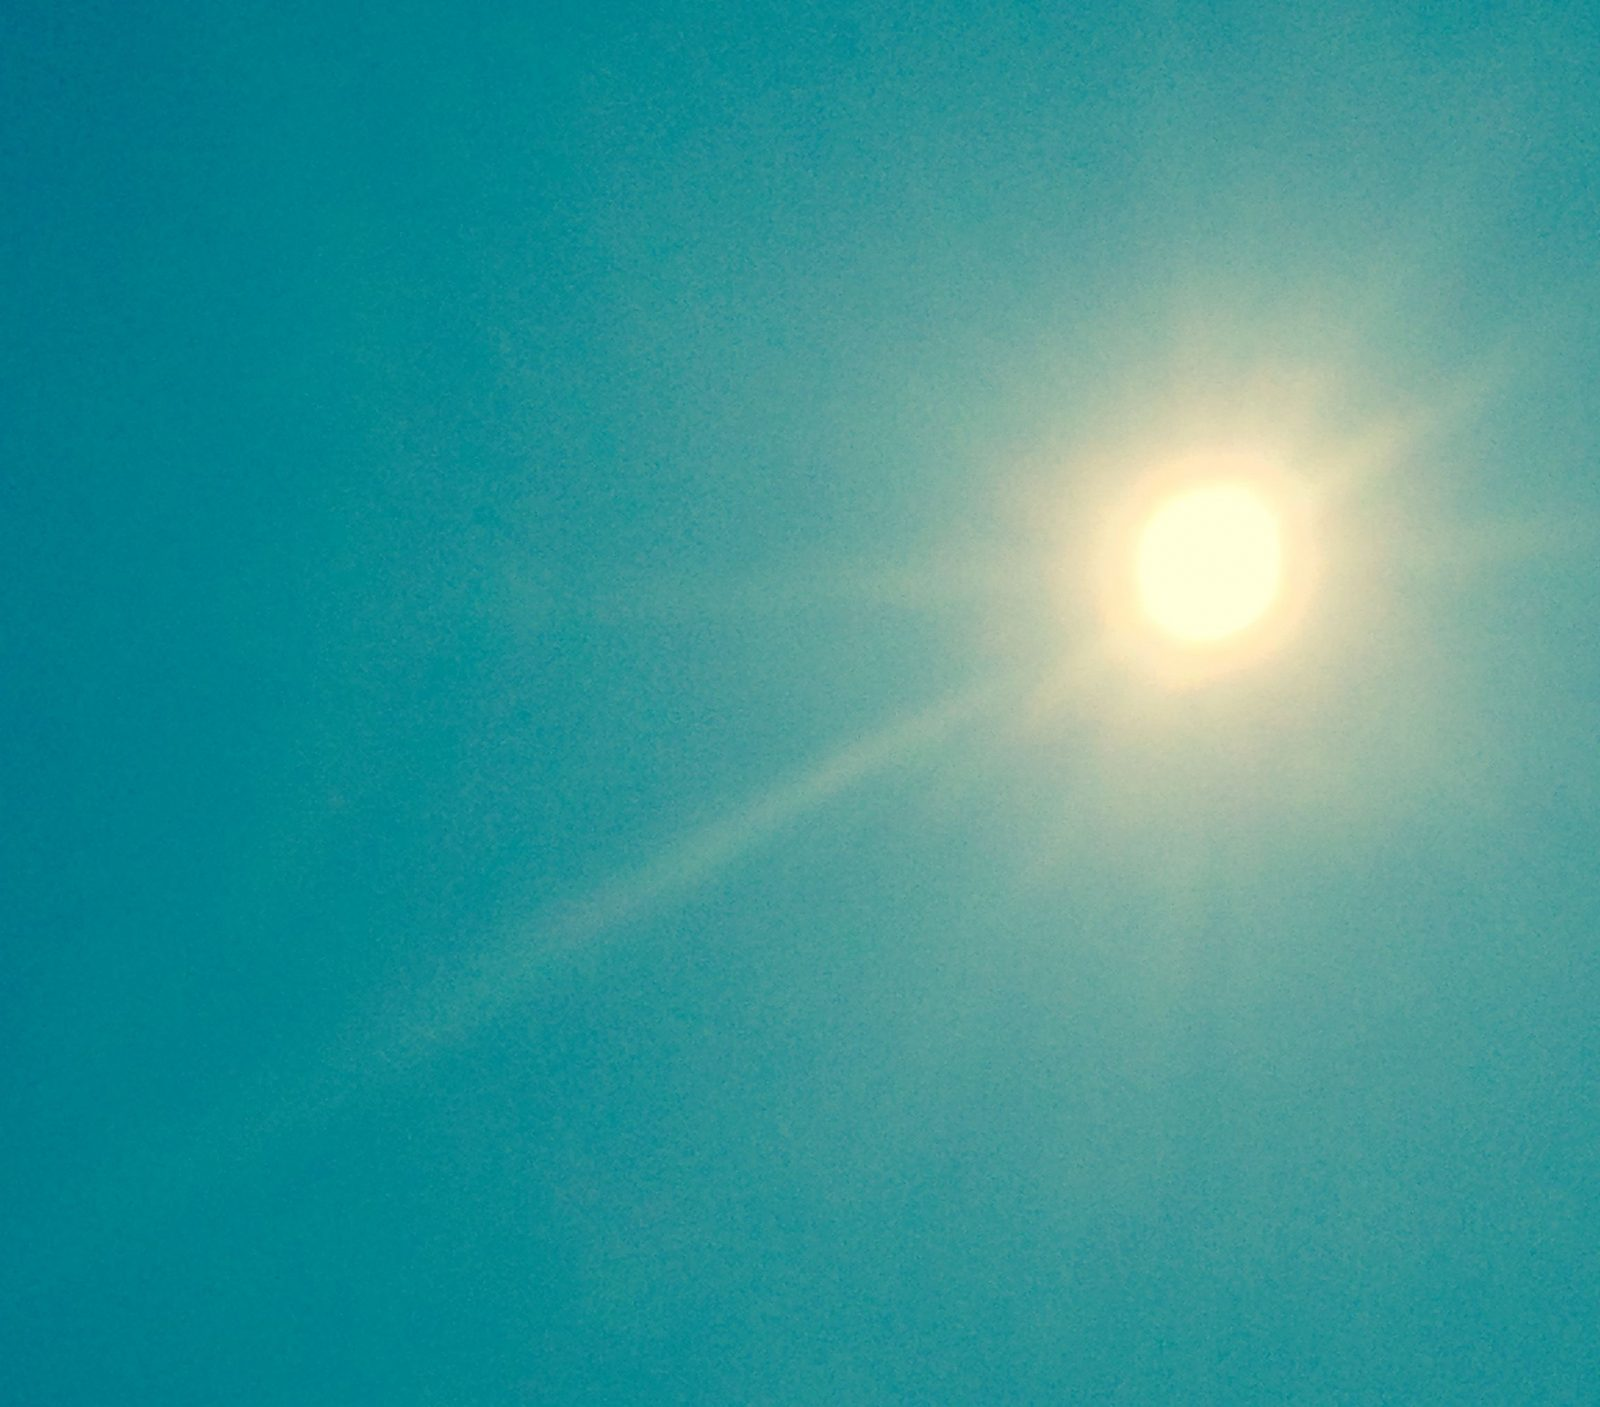 L'été sera moins chaud que l'an dernier, selon MétéoMédia